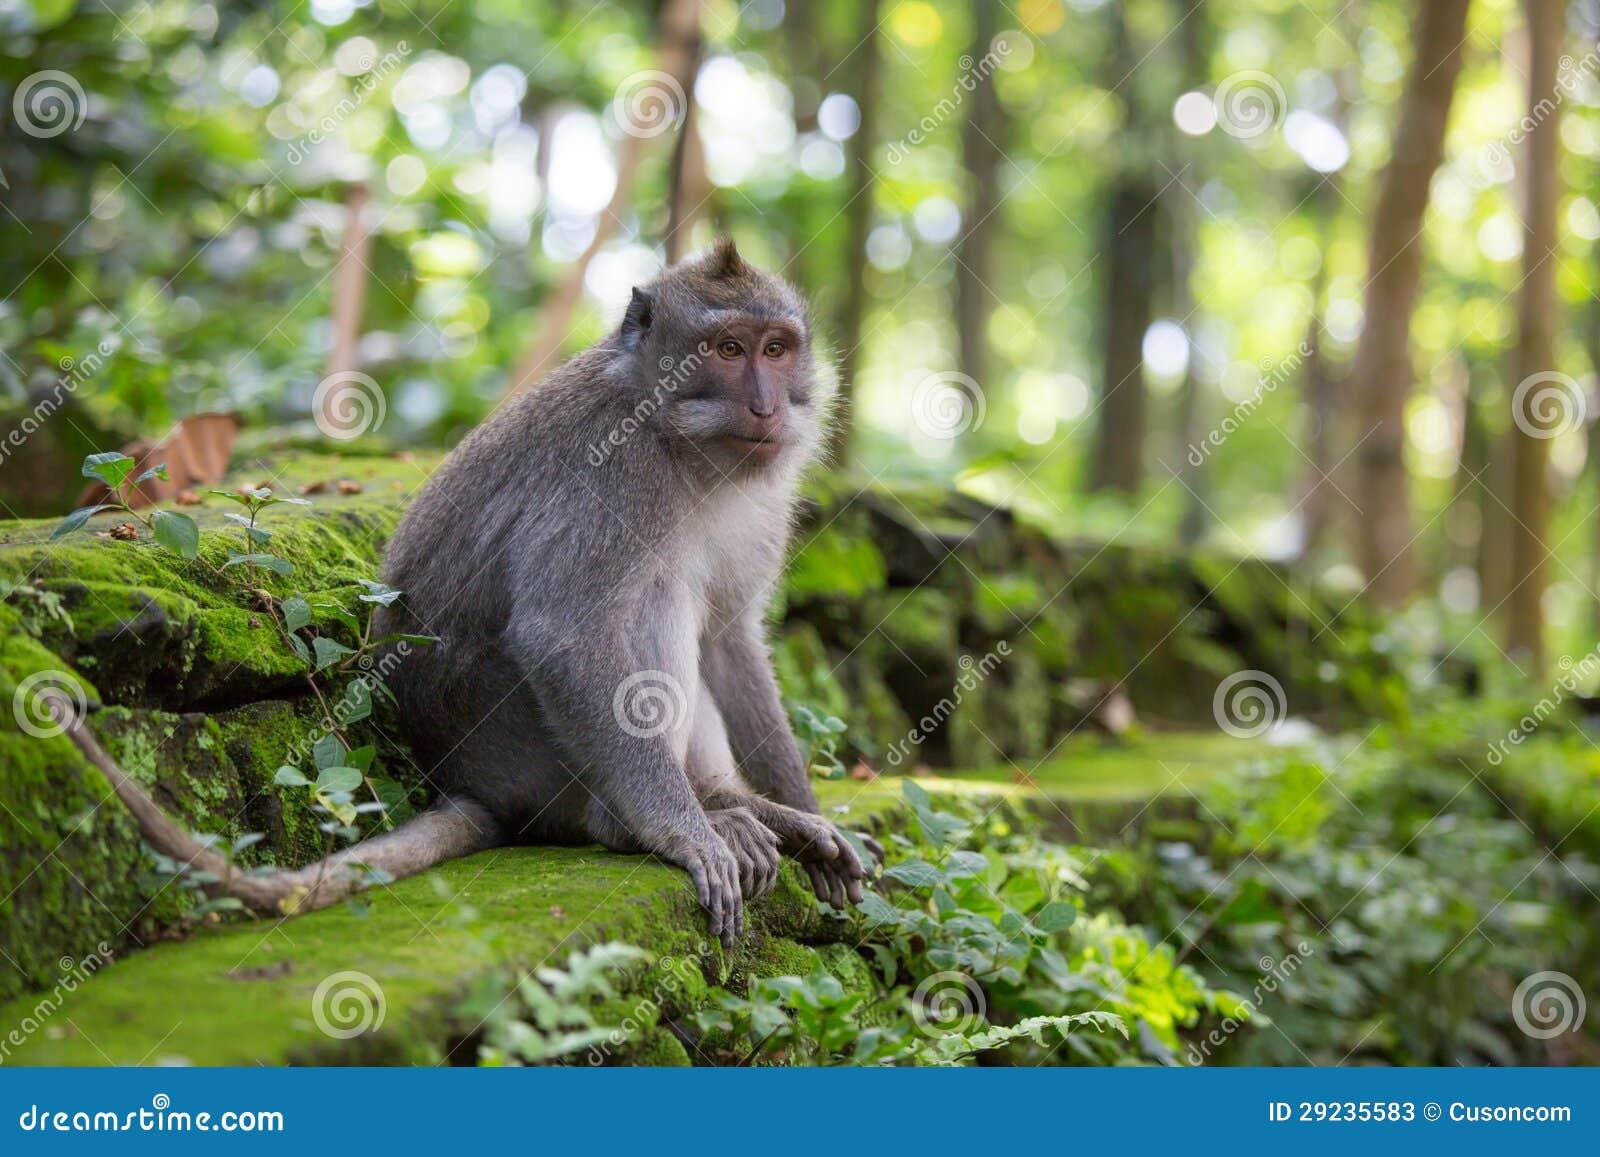 Download Macaco imagem de stock. Imagem de dois, montanha, animal - 29235583